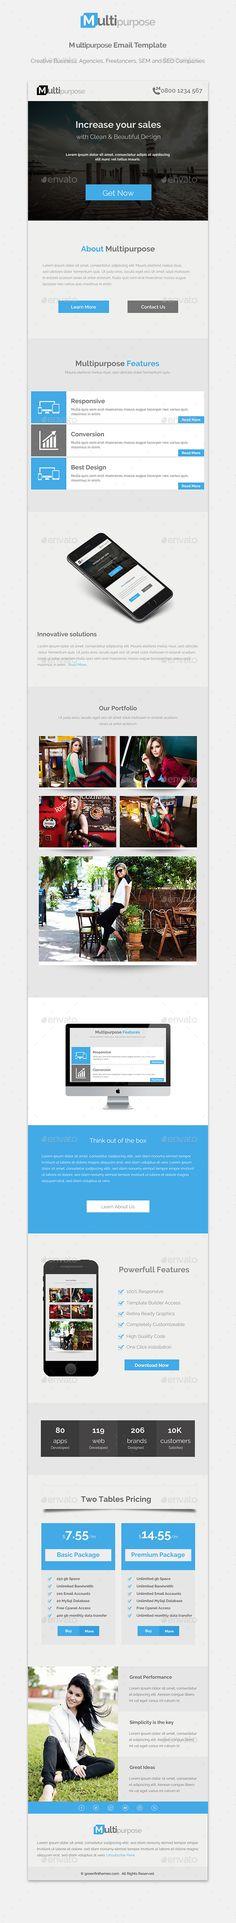 Klambi Email Newsletter III Newsletter templates, Email - email newsletter template